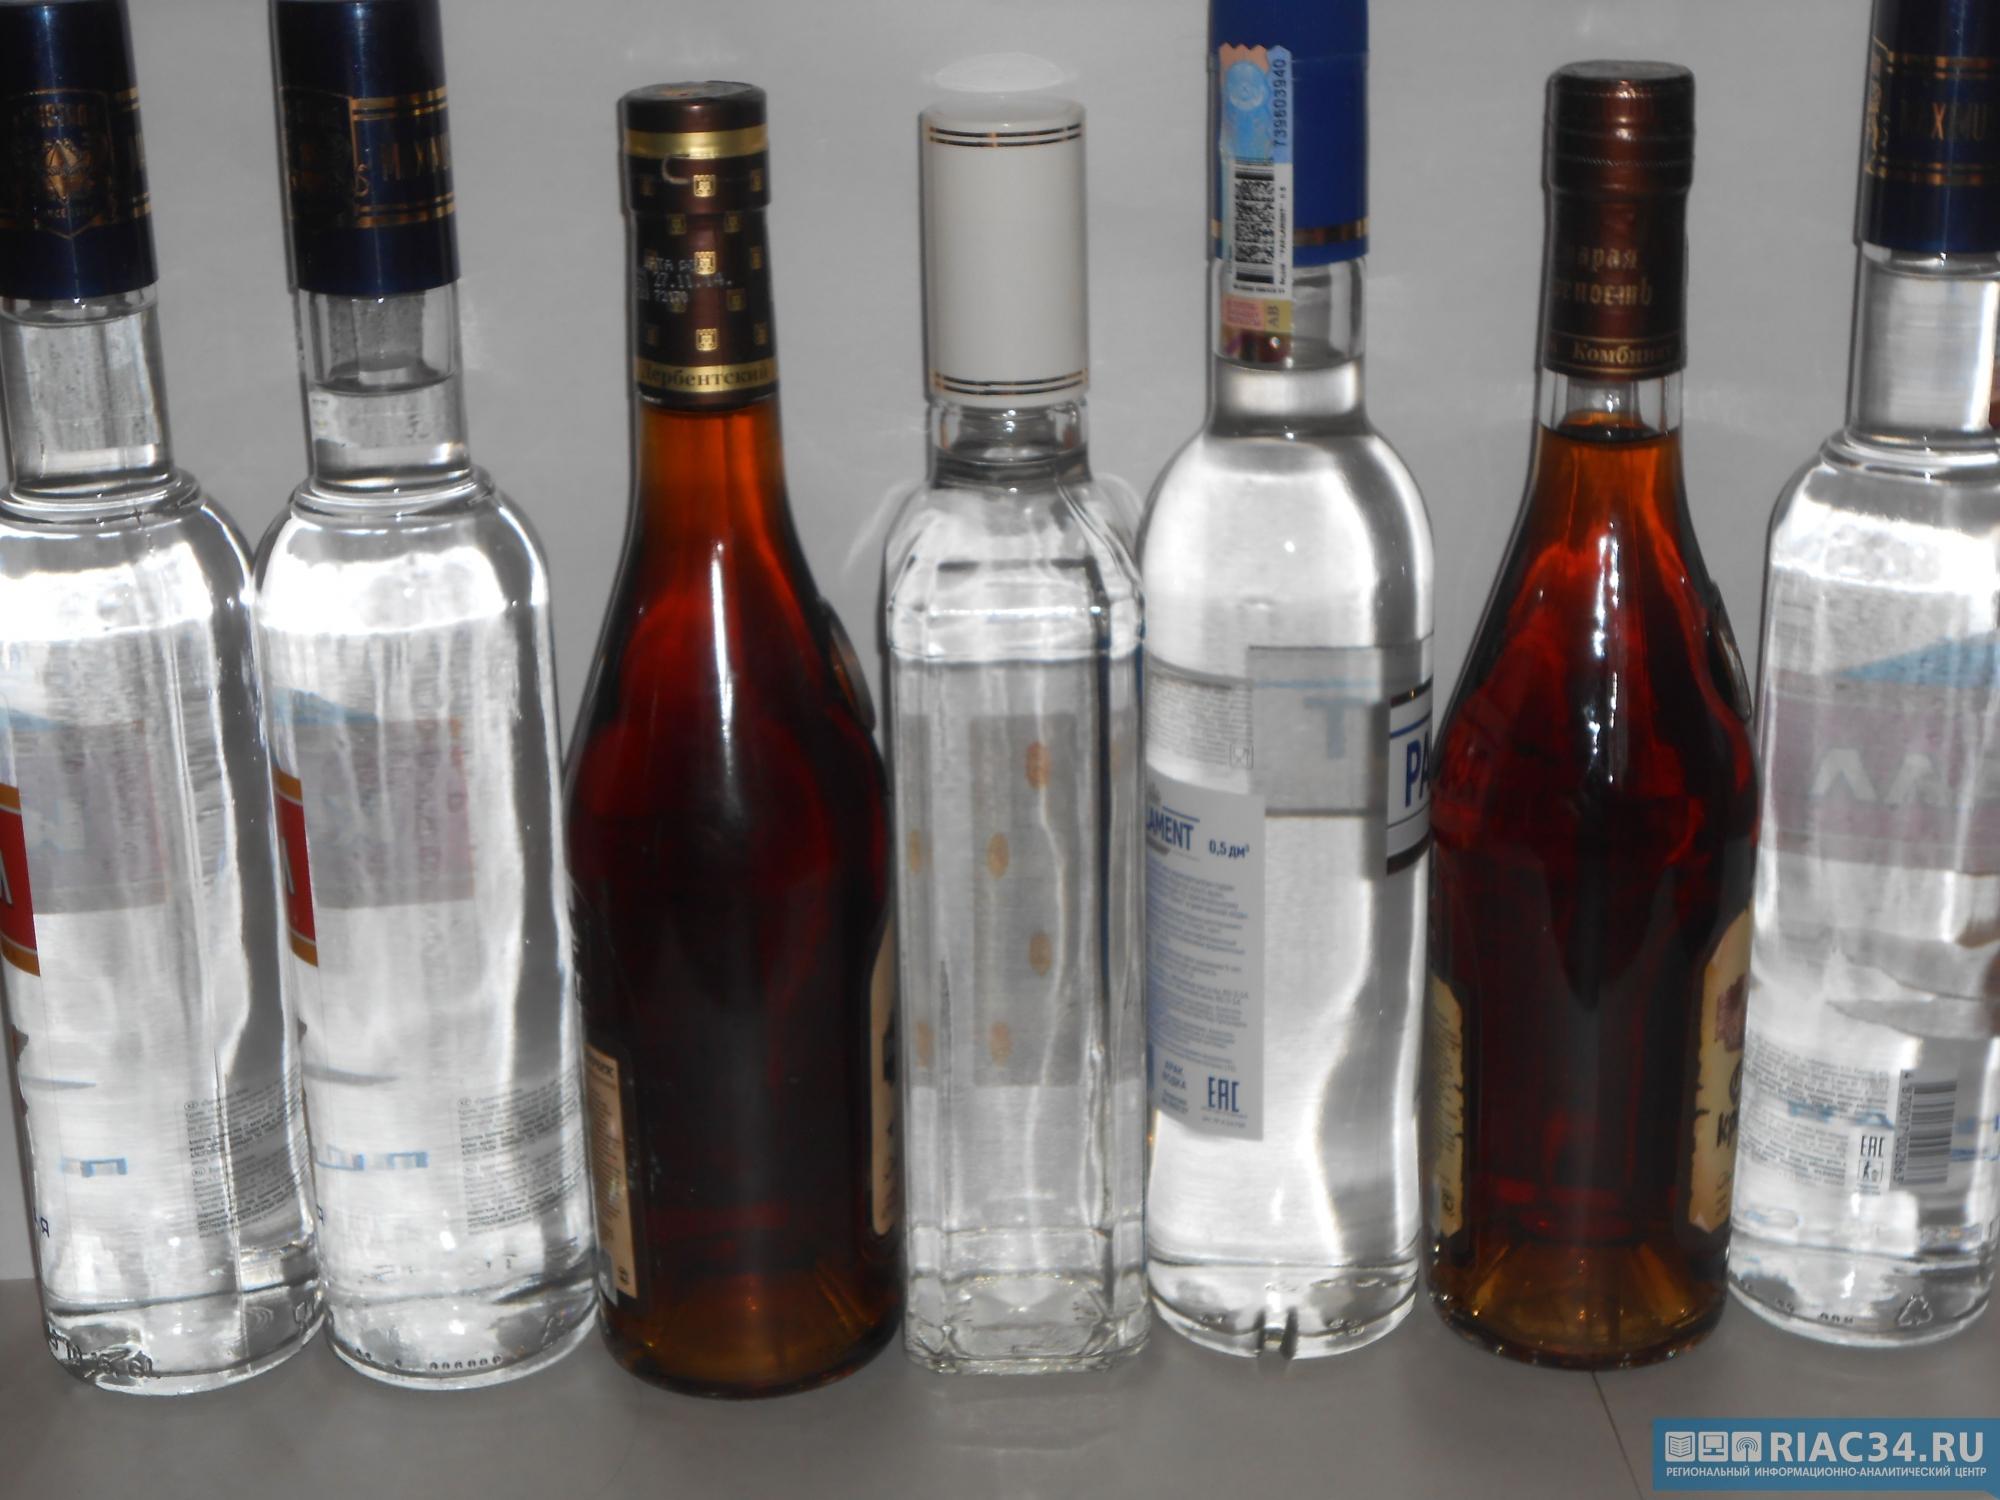 Весной в Российской Федерации вырастет минимальная цена накрепкий спирт